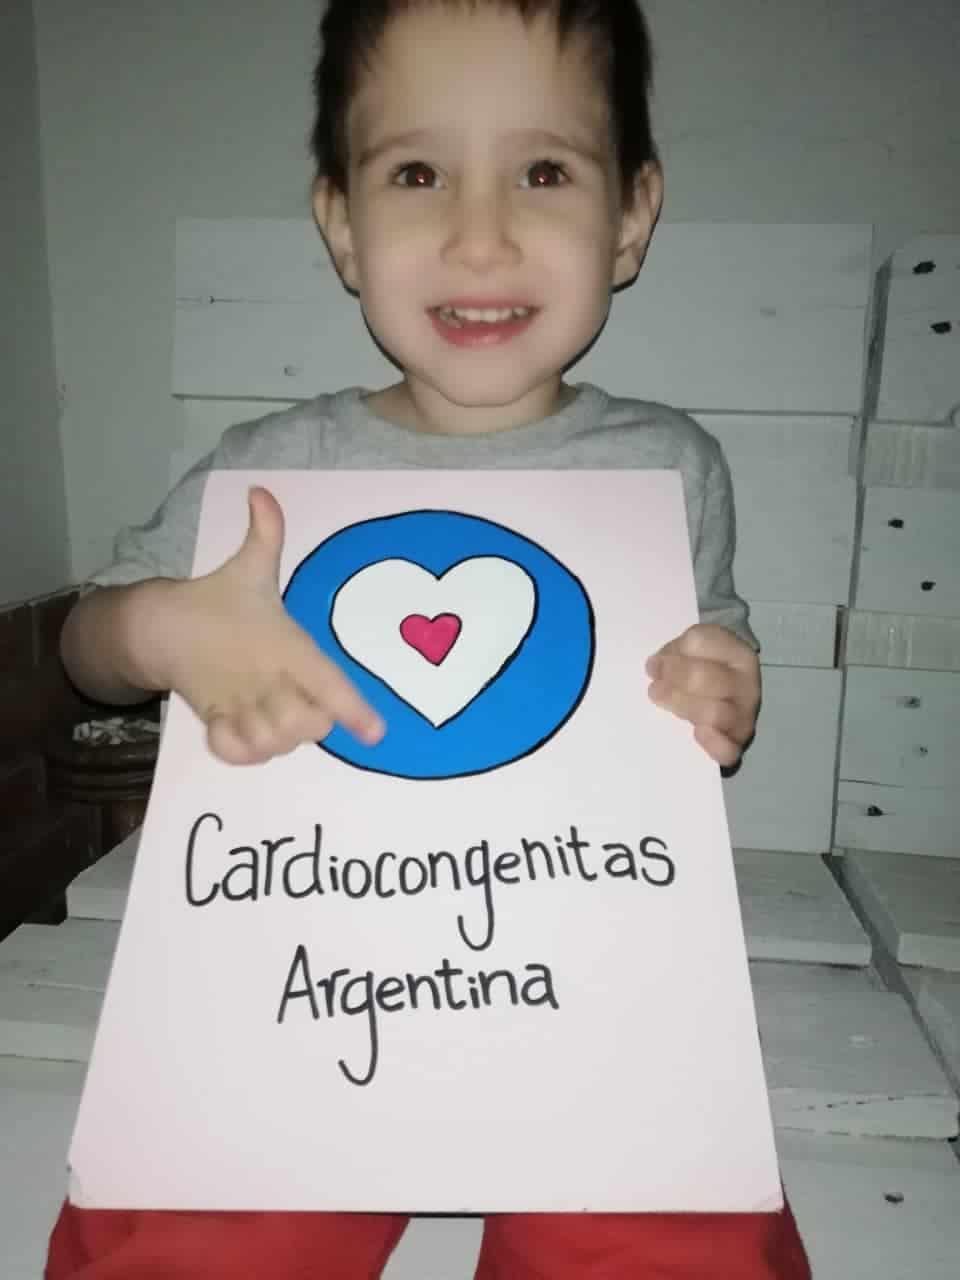 """Cardiocongenitas Argentina lucha por sancionar la """"Ley Cardio"""" 5"""